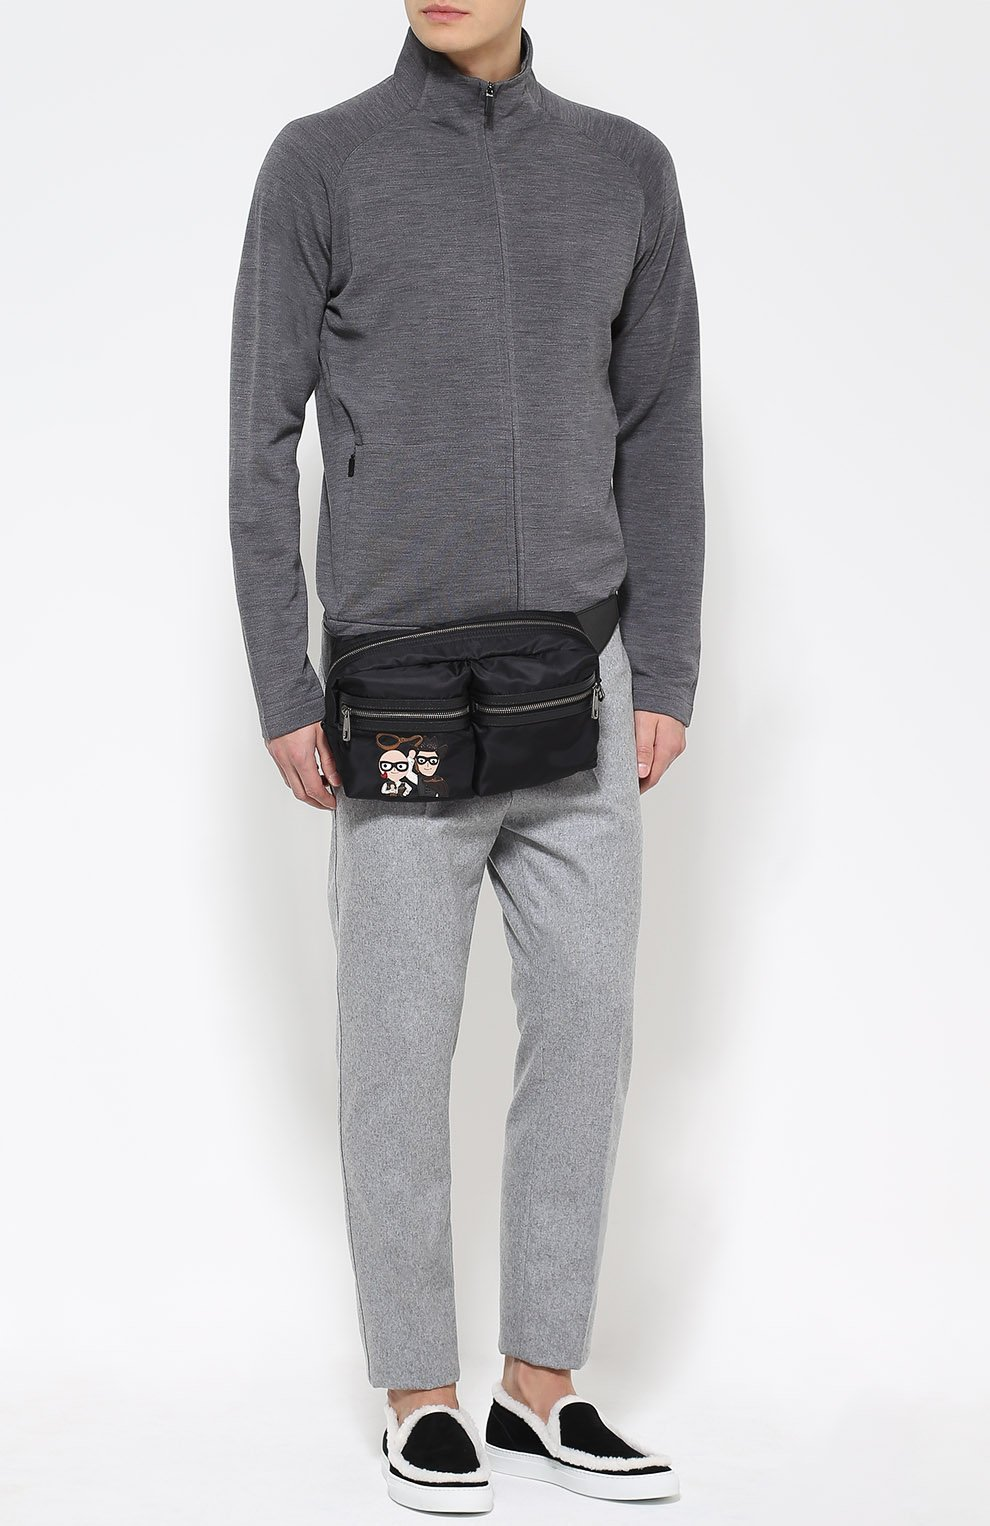 Поясная сумка Vulcano с аппликацией и отделкой из натуральной кожи Dolce & Gabbana черная   Фото №2